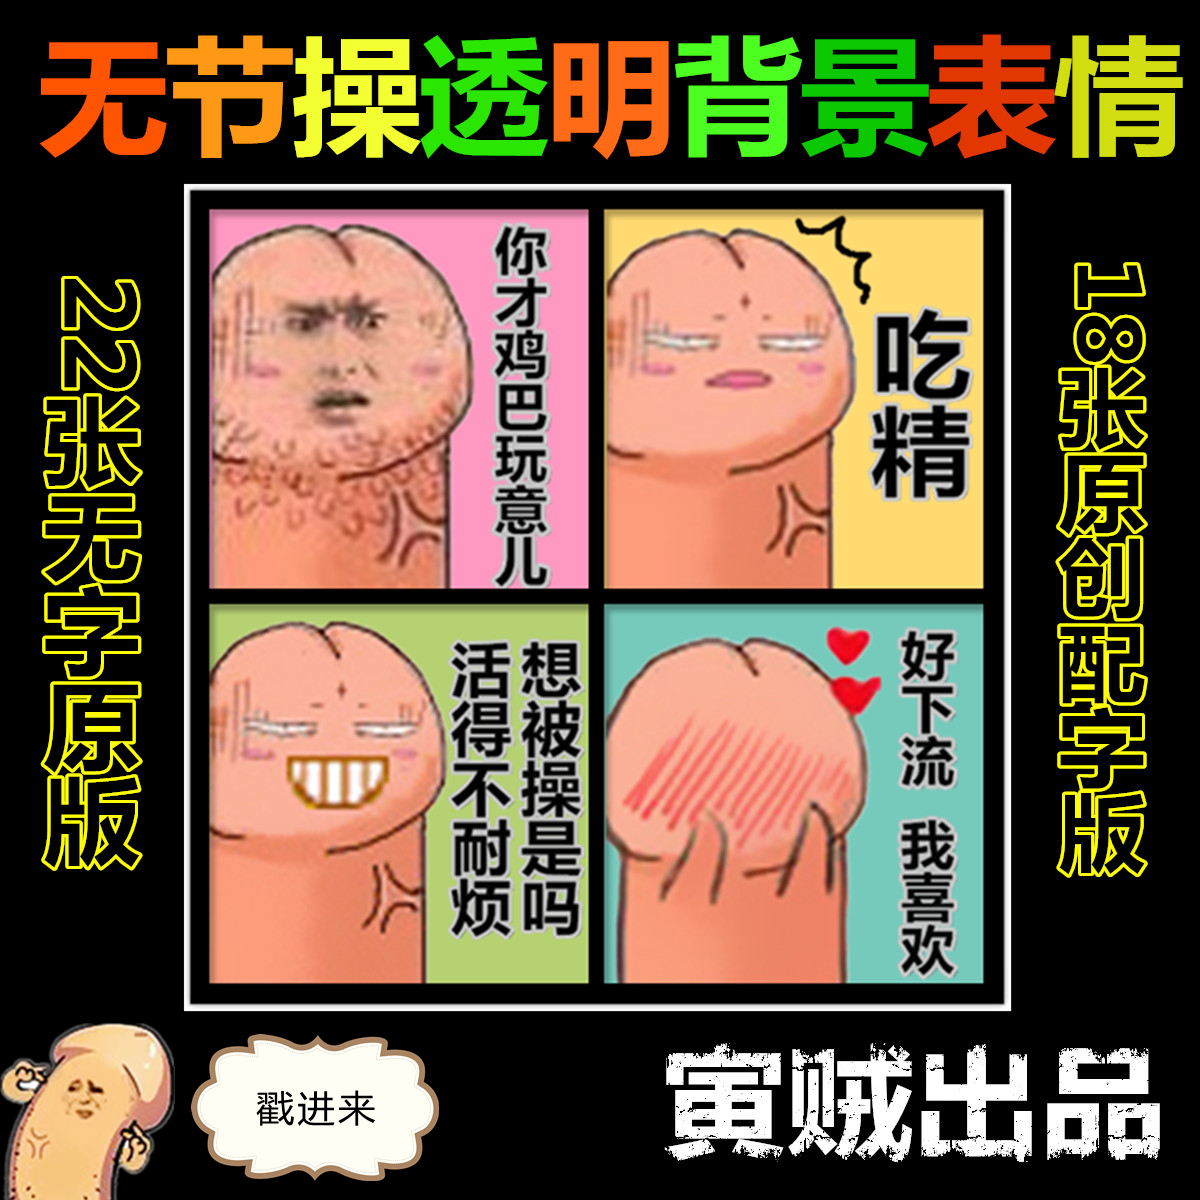 金馆长装逼表情包qq微信聊天 河蟹物恶搞搞笑逗比略污表情图片图片